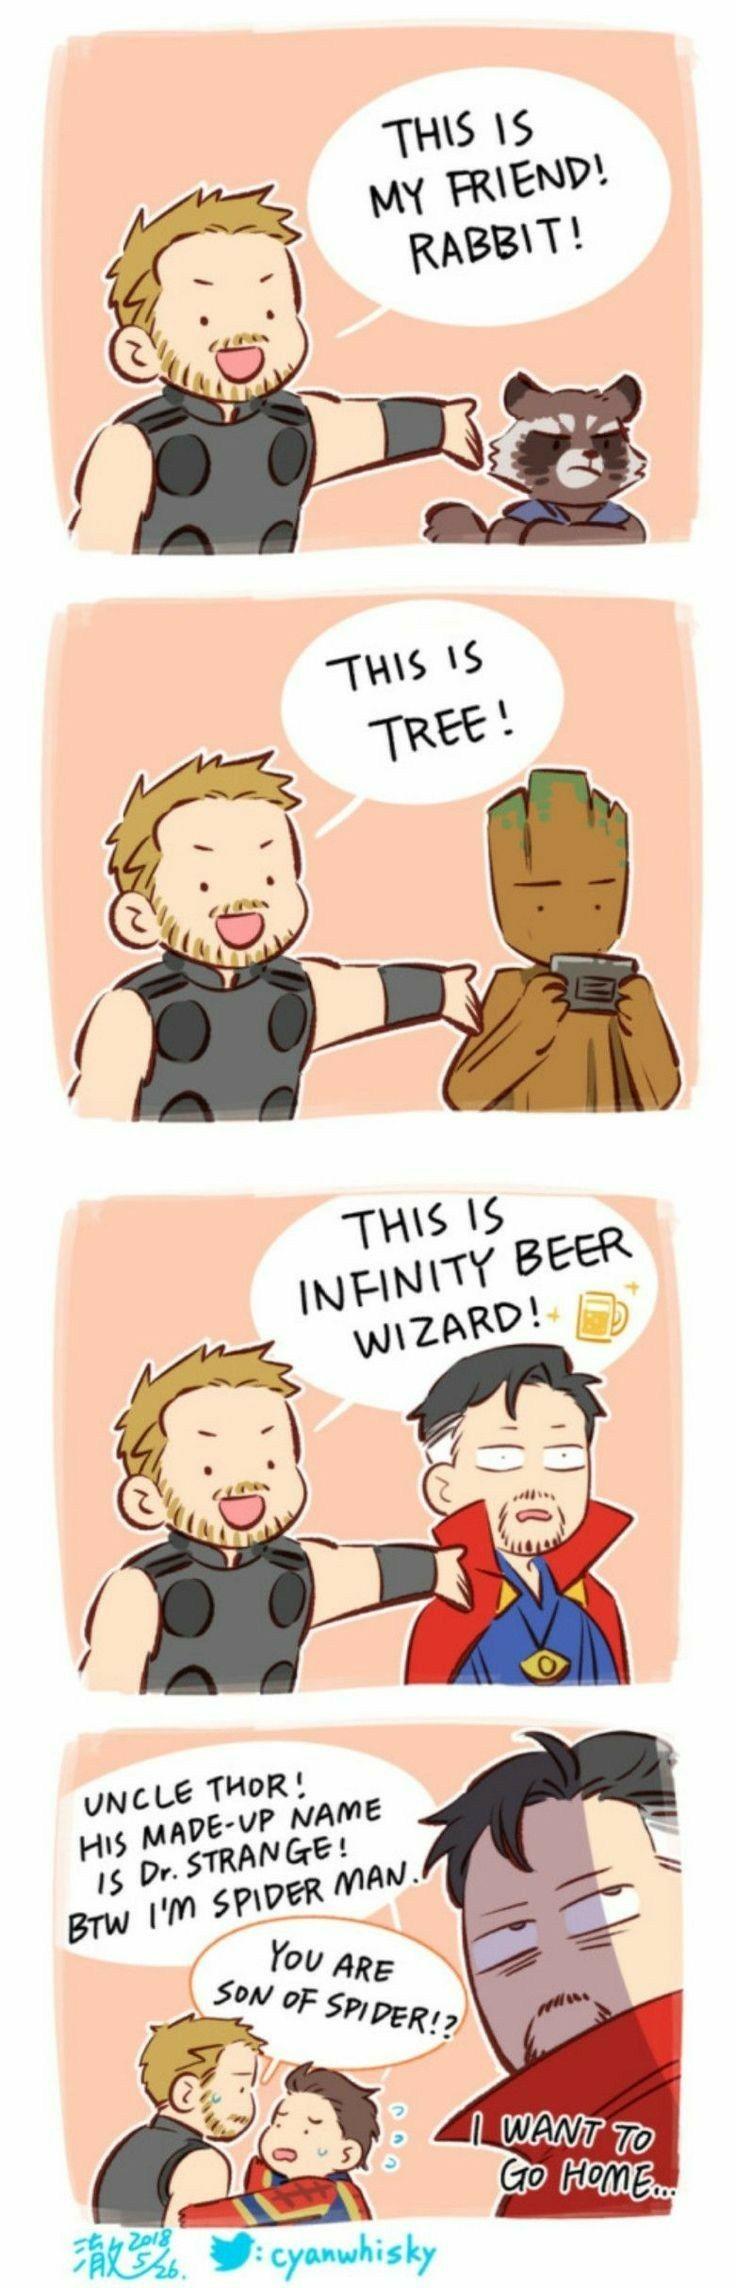 Infinity beer wizard :)